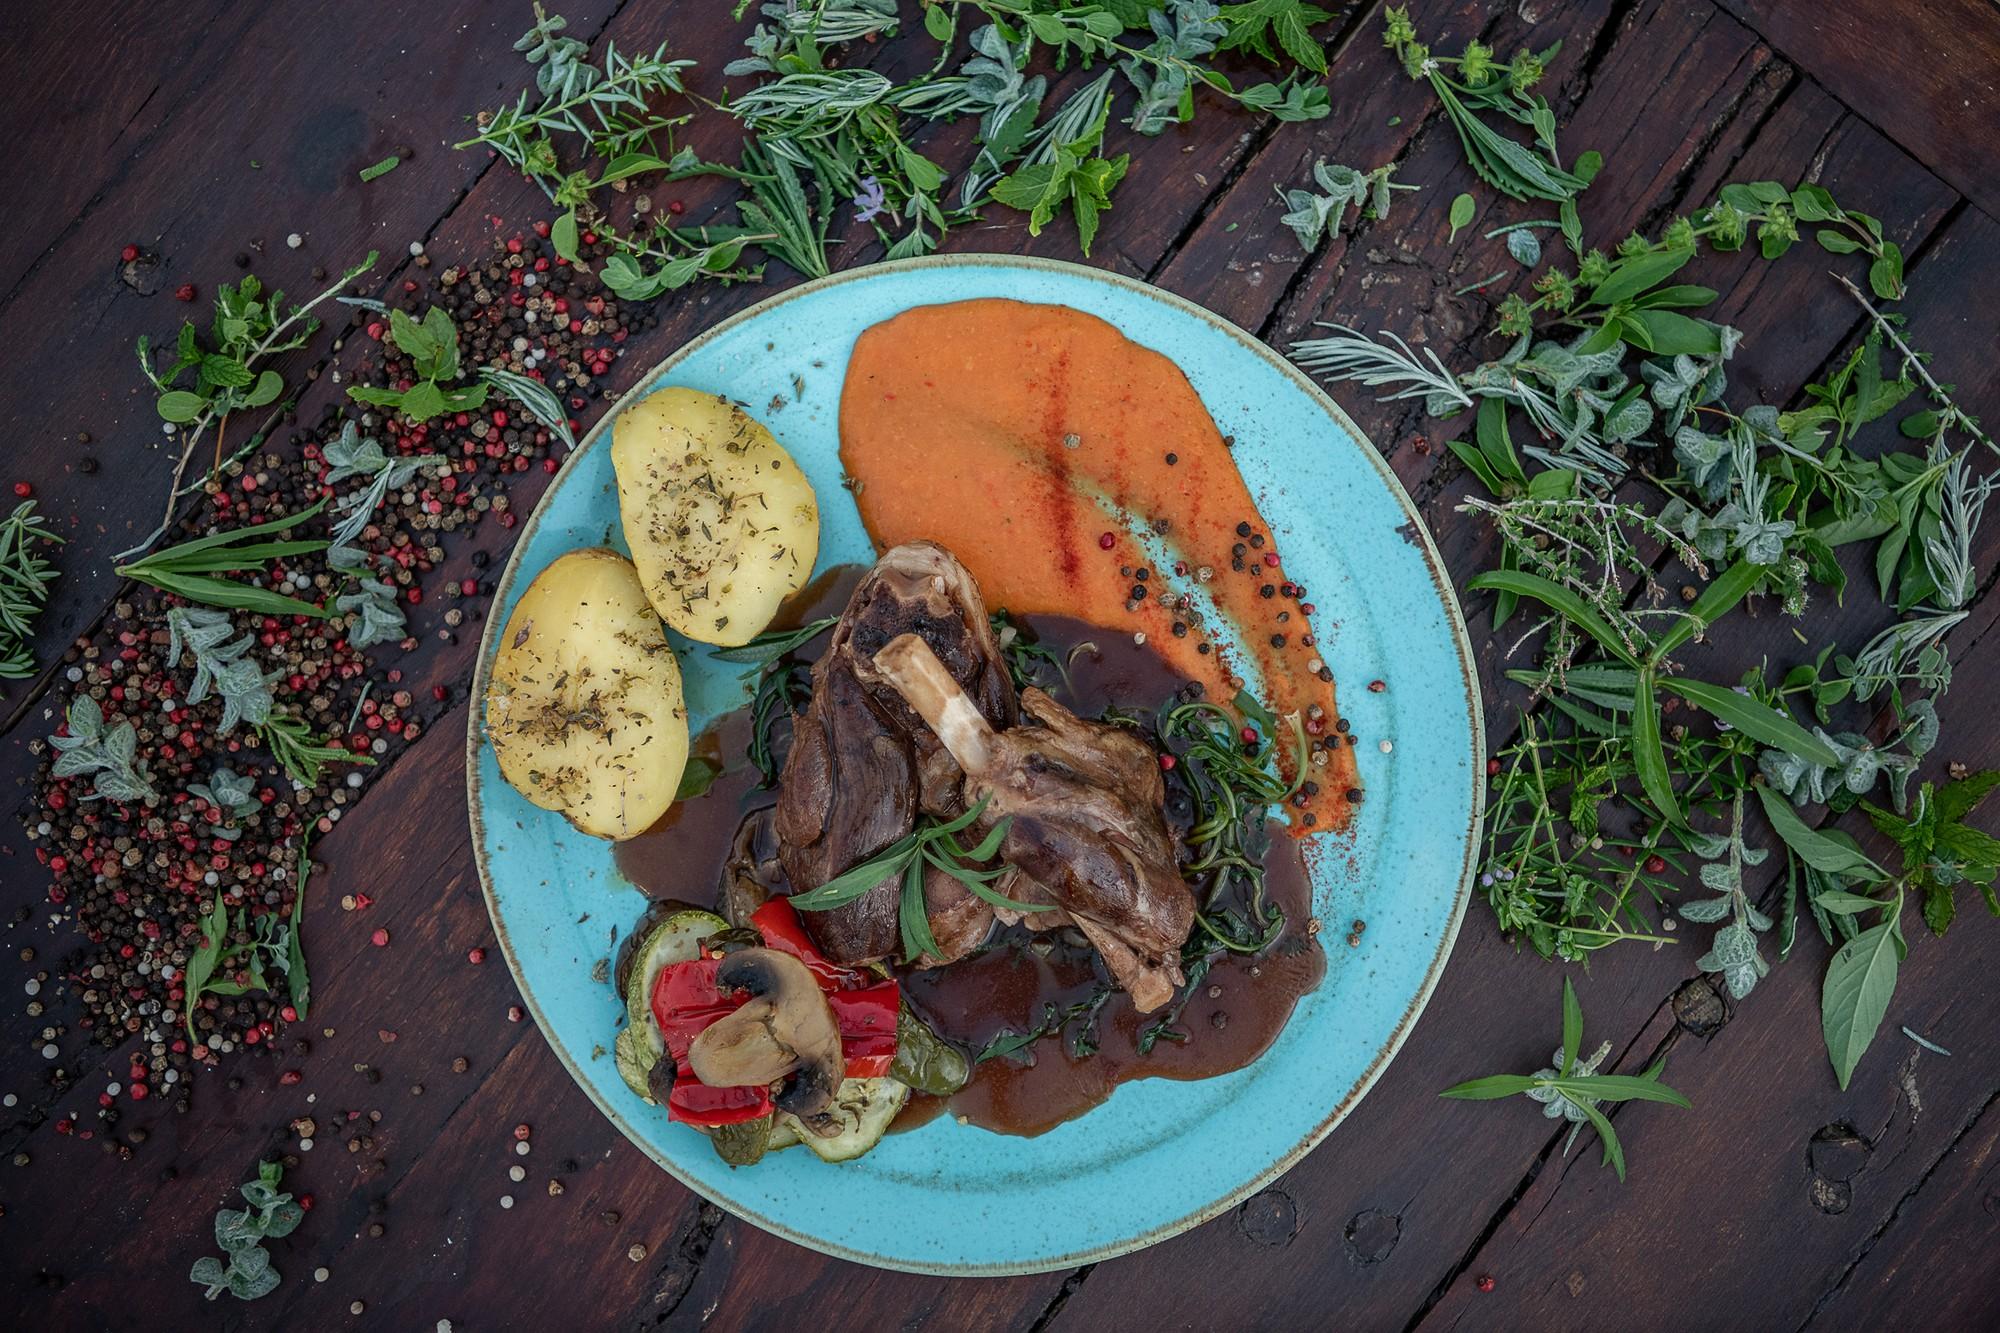 Mediterranean Cuisine Chania- Authentic Restaurants CHania- Cretan food Restaurants- Restaurants in Platanias- Olive Tree Restaurant